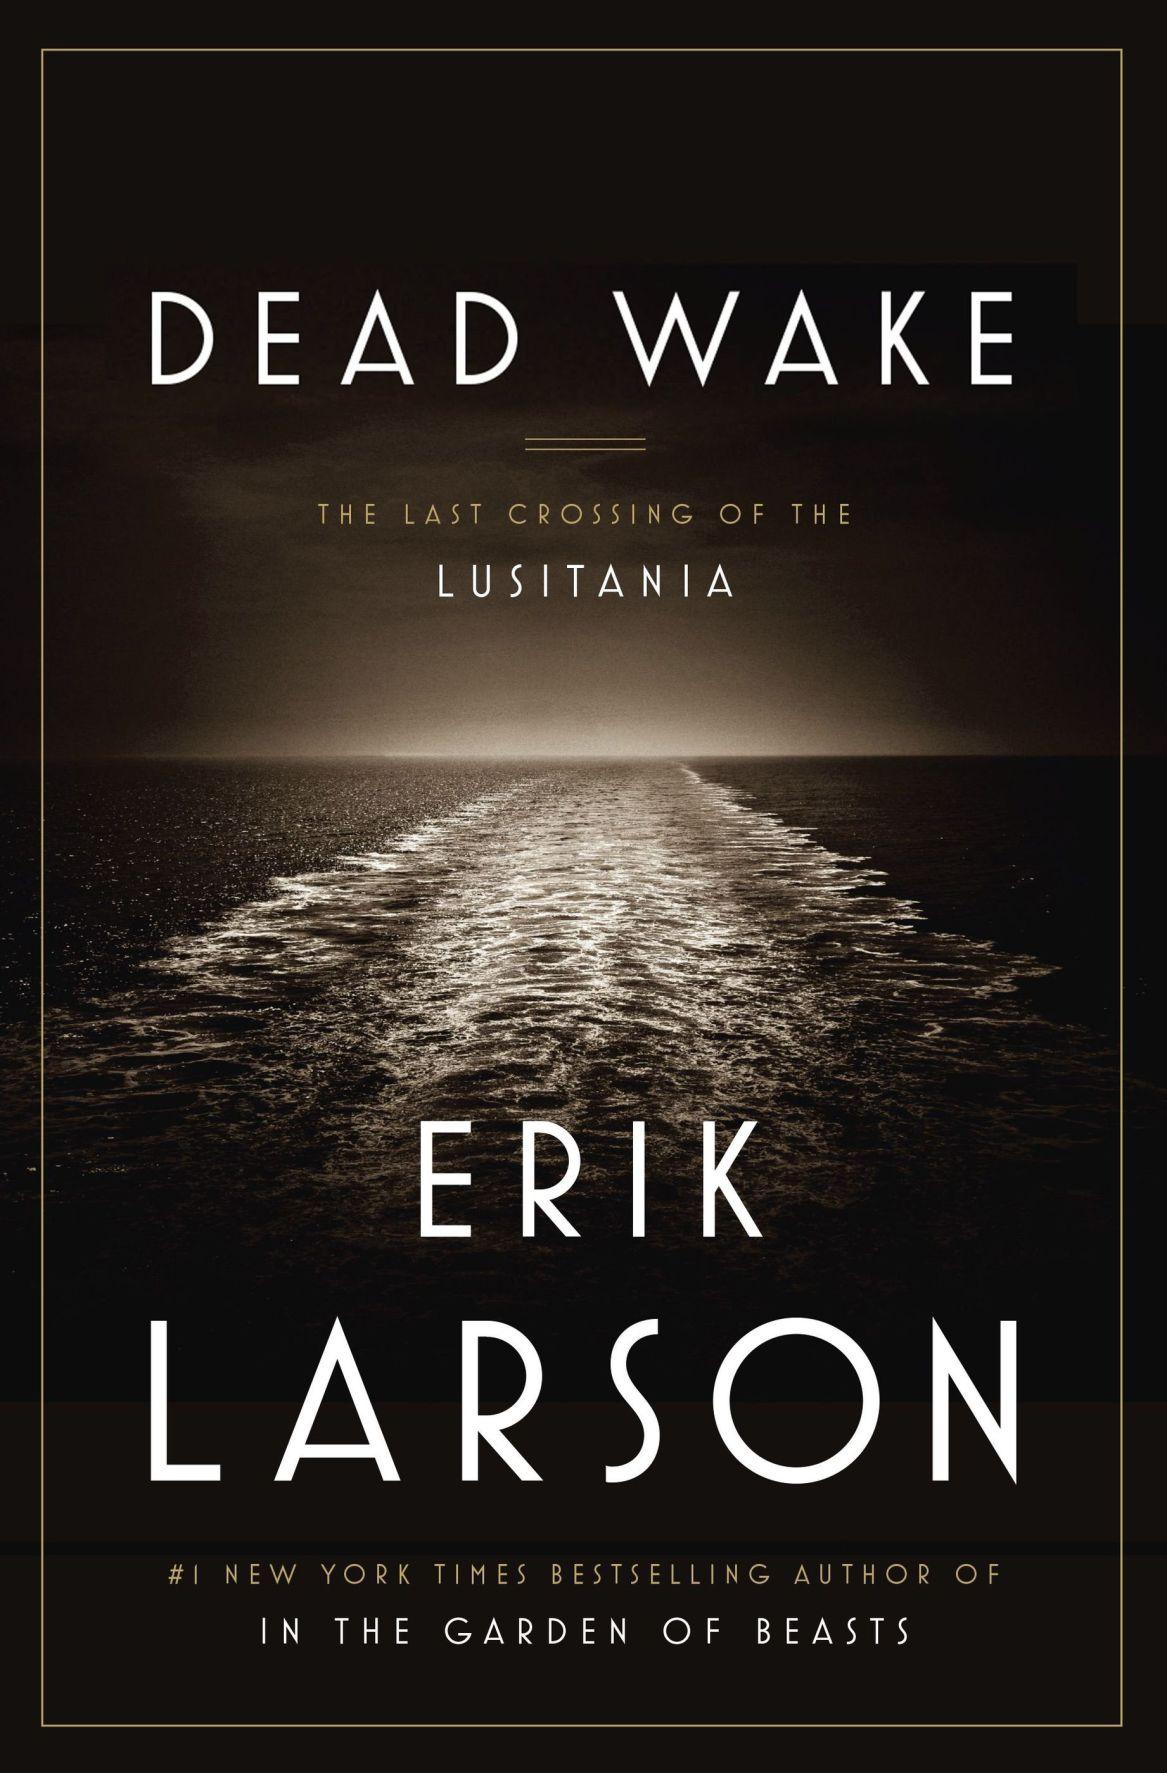 Erik Larson recounts sinking of Lusitania